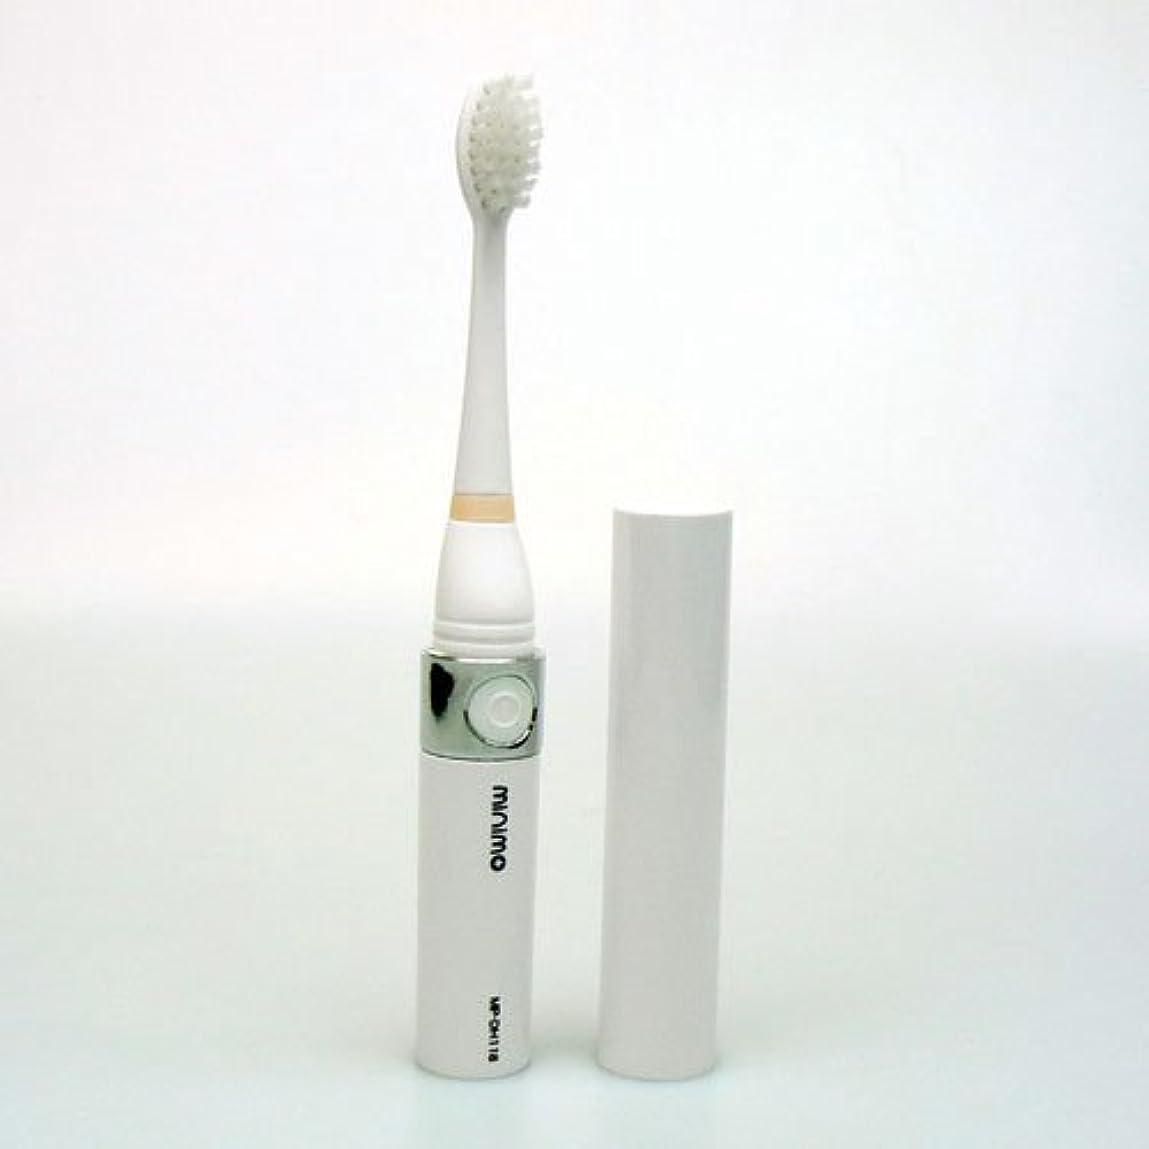 中傷サークル十代の若者たちmaruman 音波振動歯ブラシ minimo ホワイト MP-DH118WH